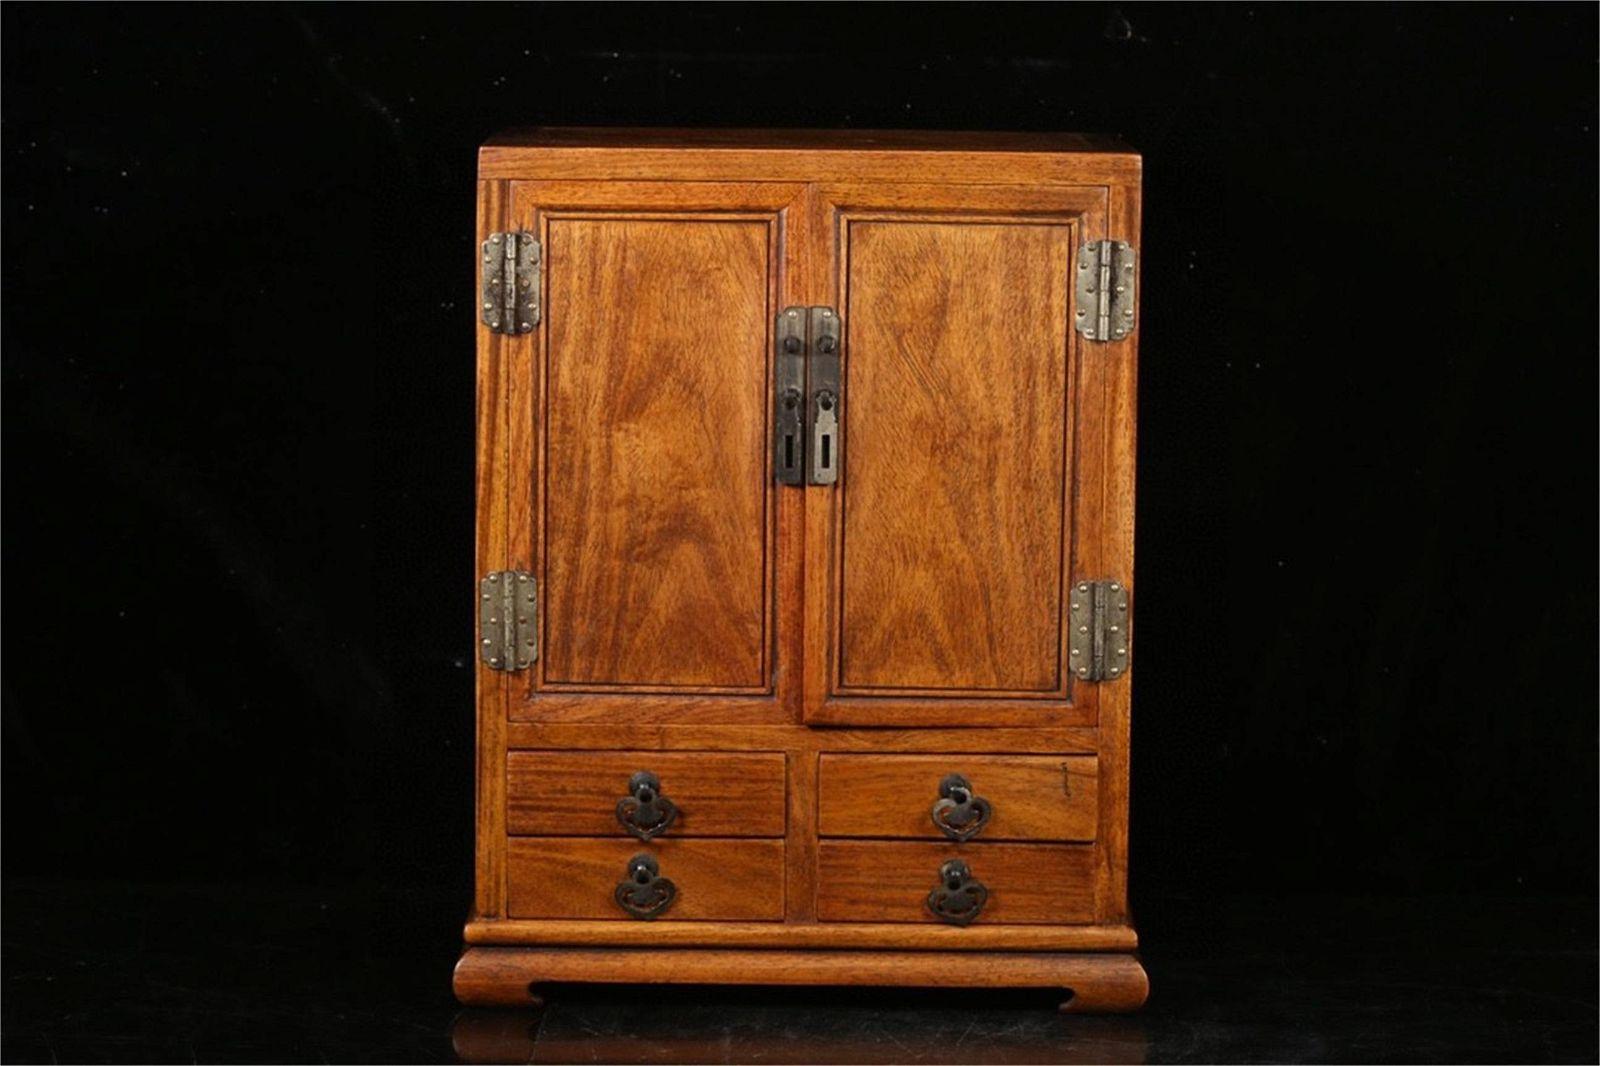 A Carved Hardwood Cabinet